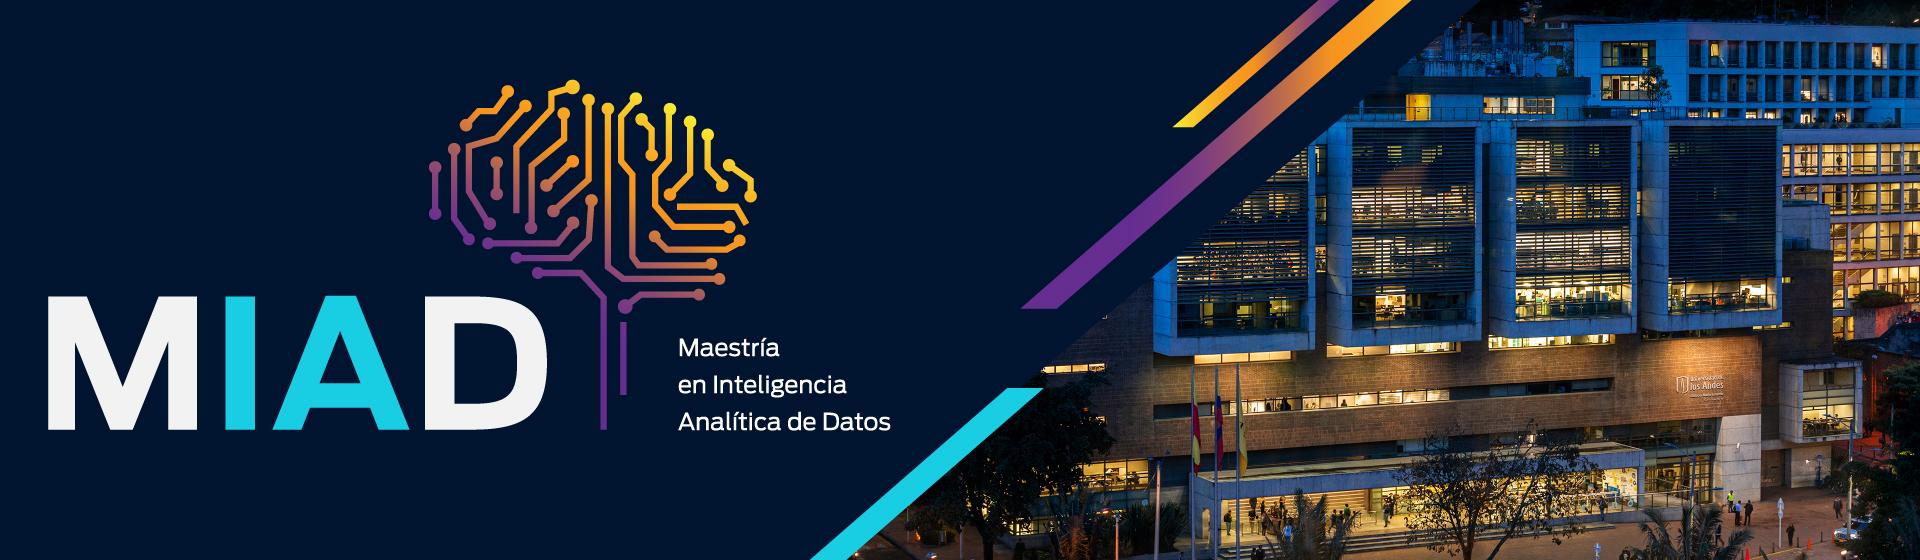 Maestría en Inteligencia Analítica de Datos